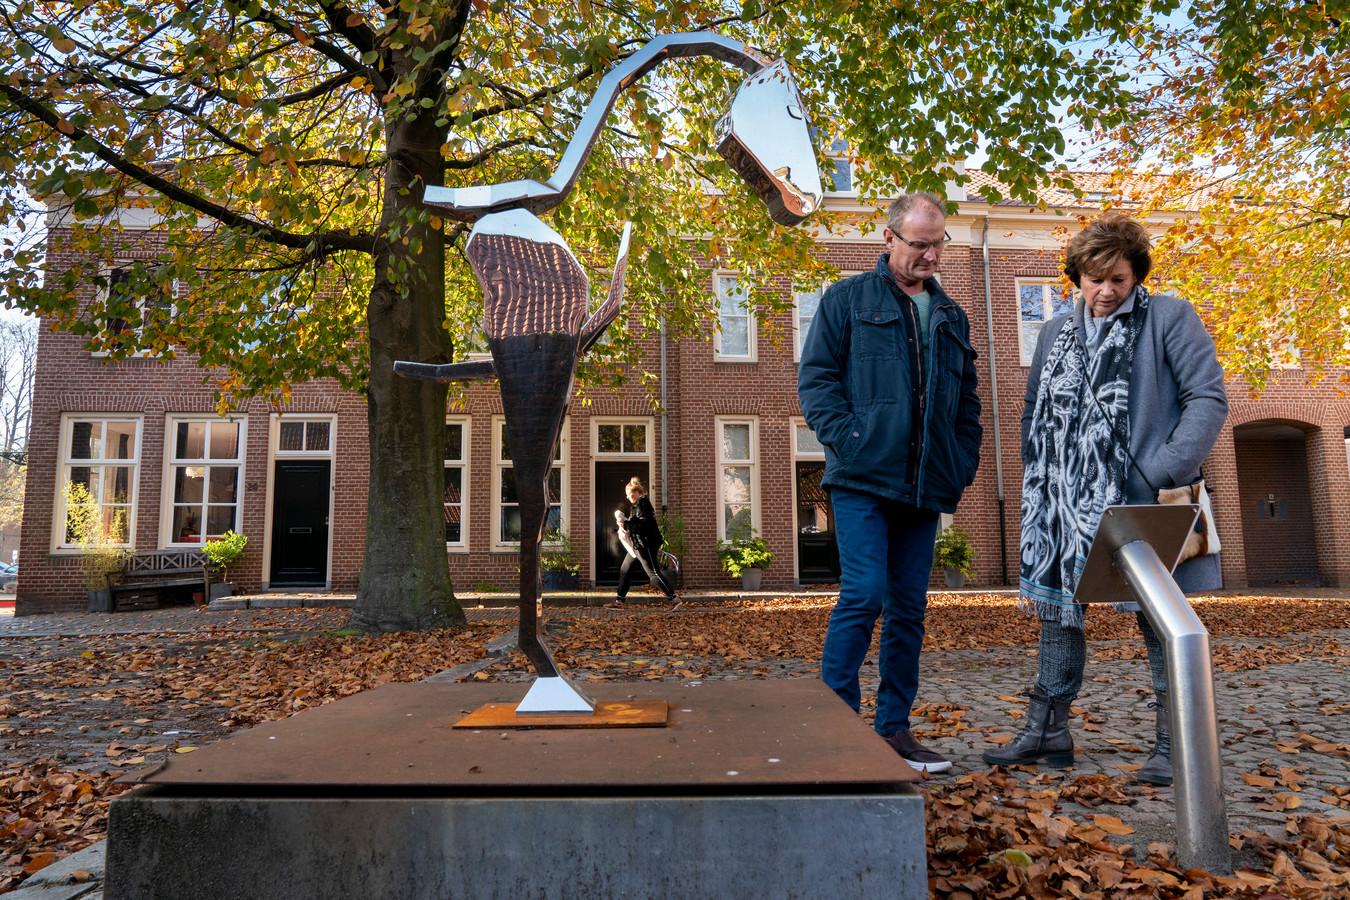 Heusden kent al de nodige kunst. Op het Jacob van Eijkplein staat een sokkel, met daarop een wisselend kunstwerk. Hier een abstract stalen paard van Bart Somers.